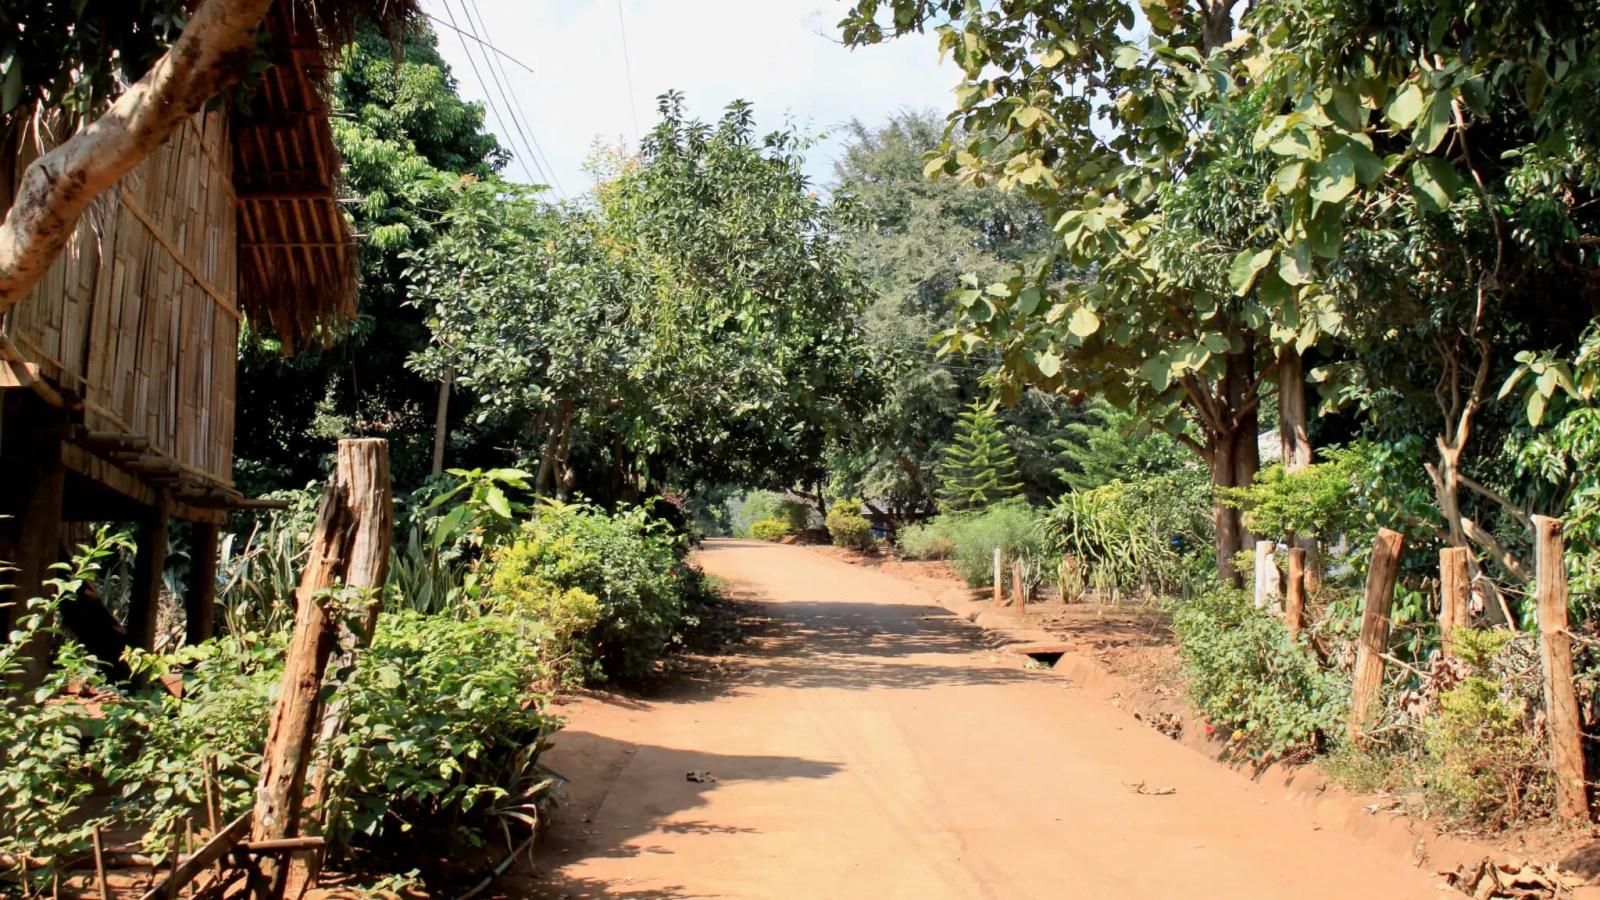 Dirt path through a village in rural Thailand